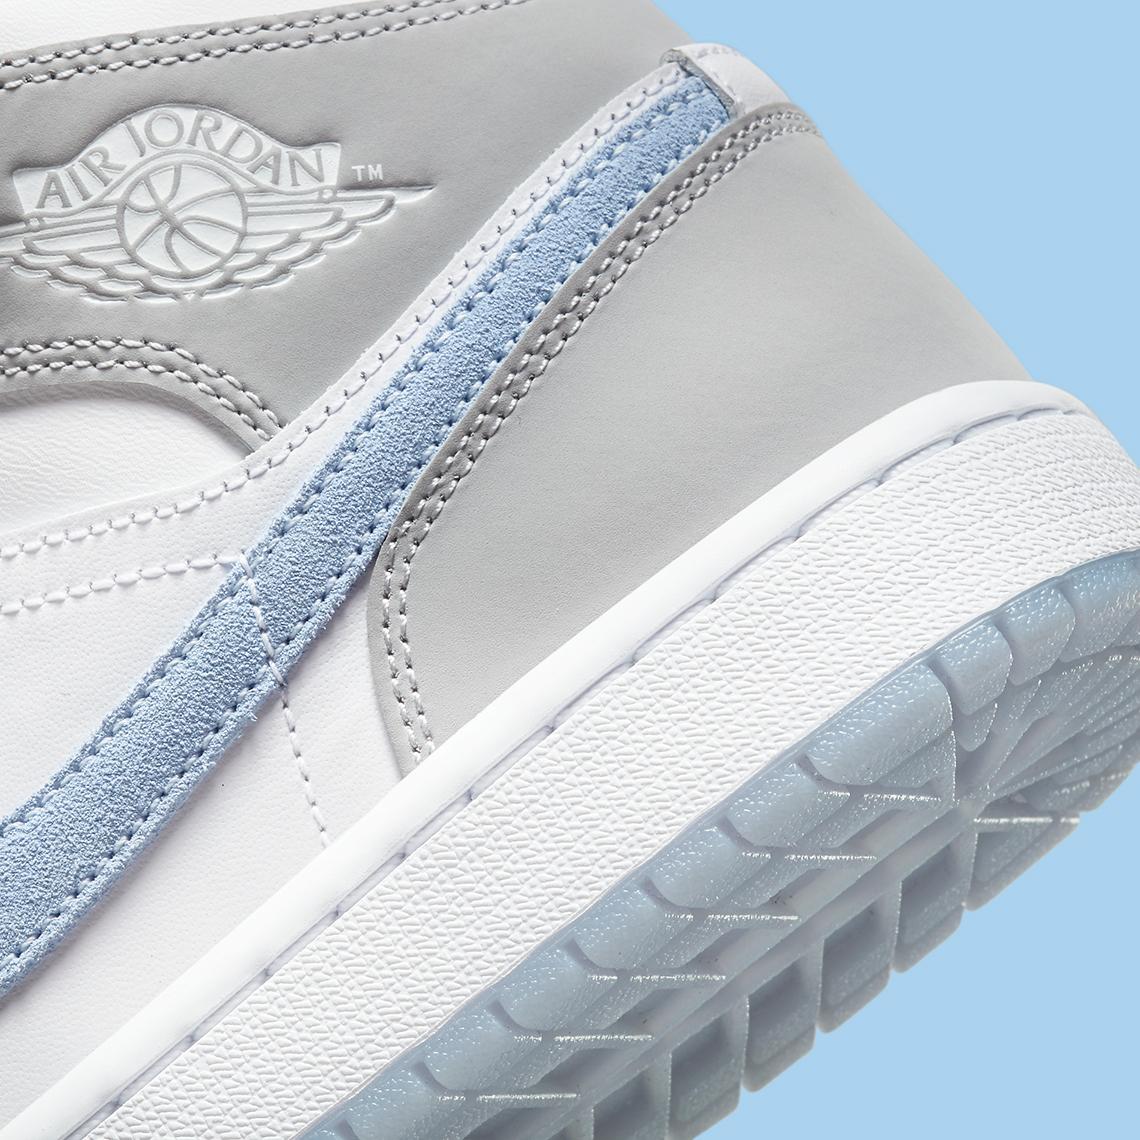 Air Jordan 1 Mid Femme Grise Bleu BQ6472-105 - Crumpe